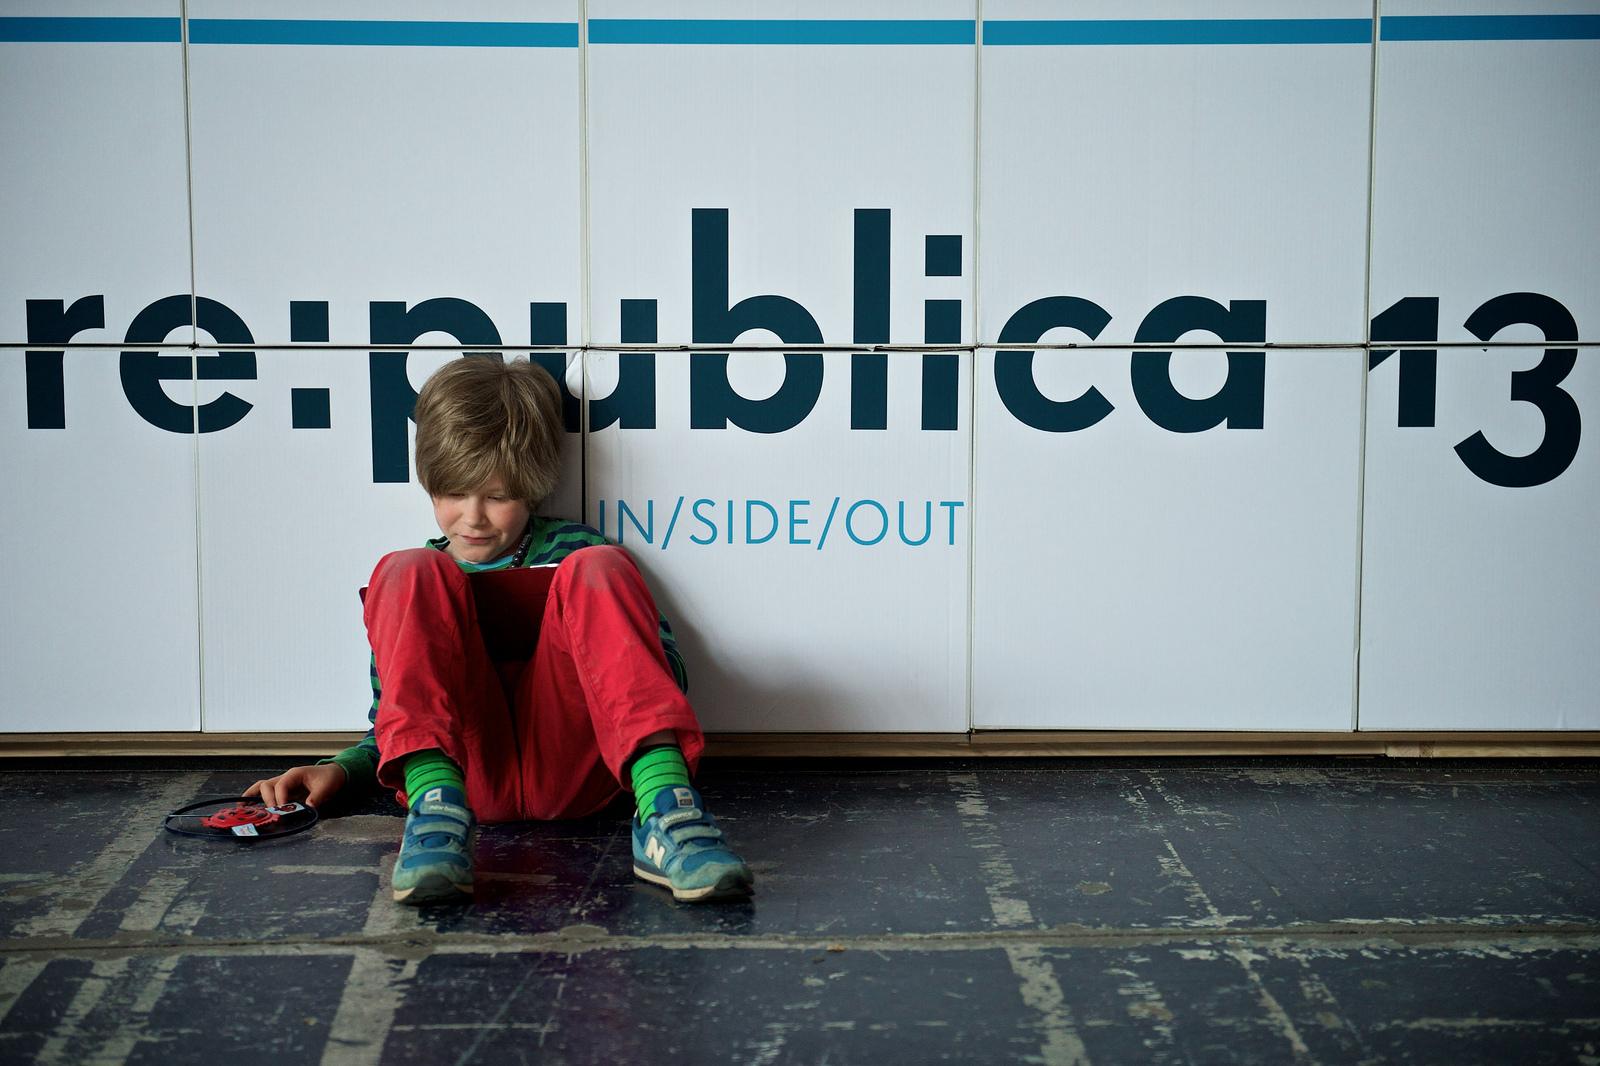 Bild: cc-by-sa von  Gregor Fischer I re:publica 2013, https://www.flickr.com/photos/re-publica/8719227026/in/set-72157639512857445